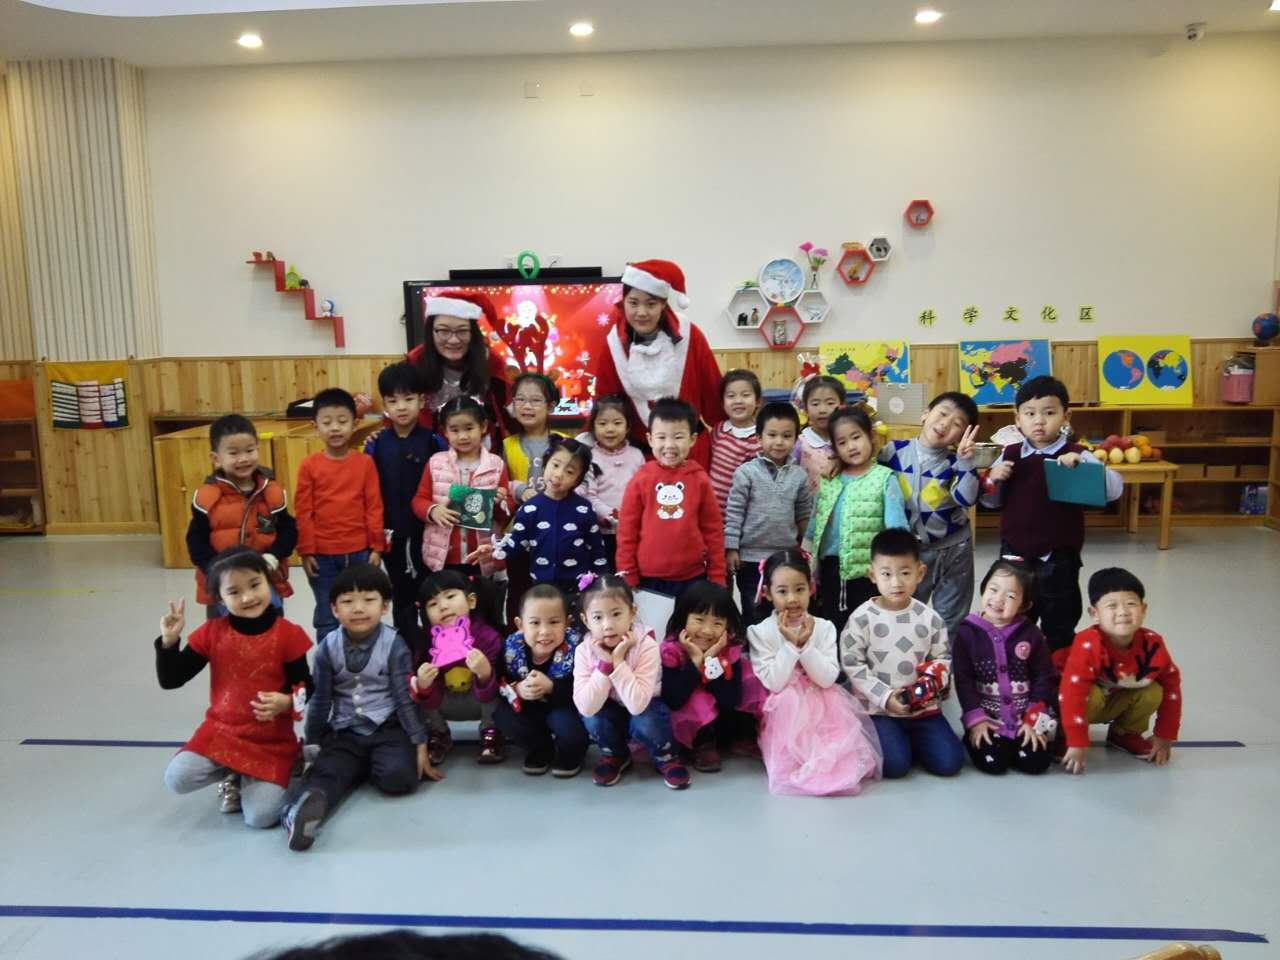 王府圣诞号列车温情启动 ——北京王府幼儿园圣诞节活动